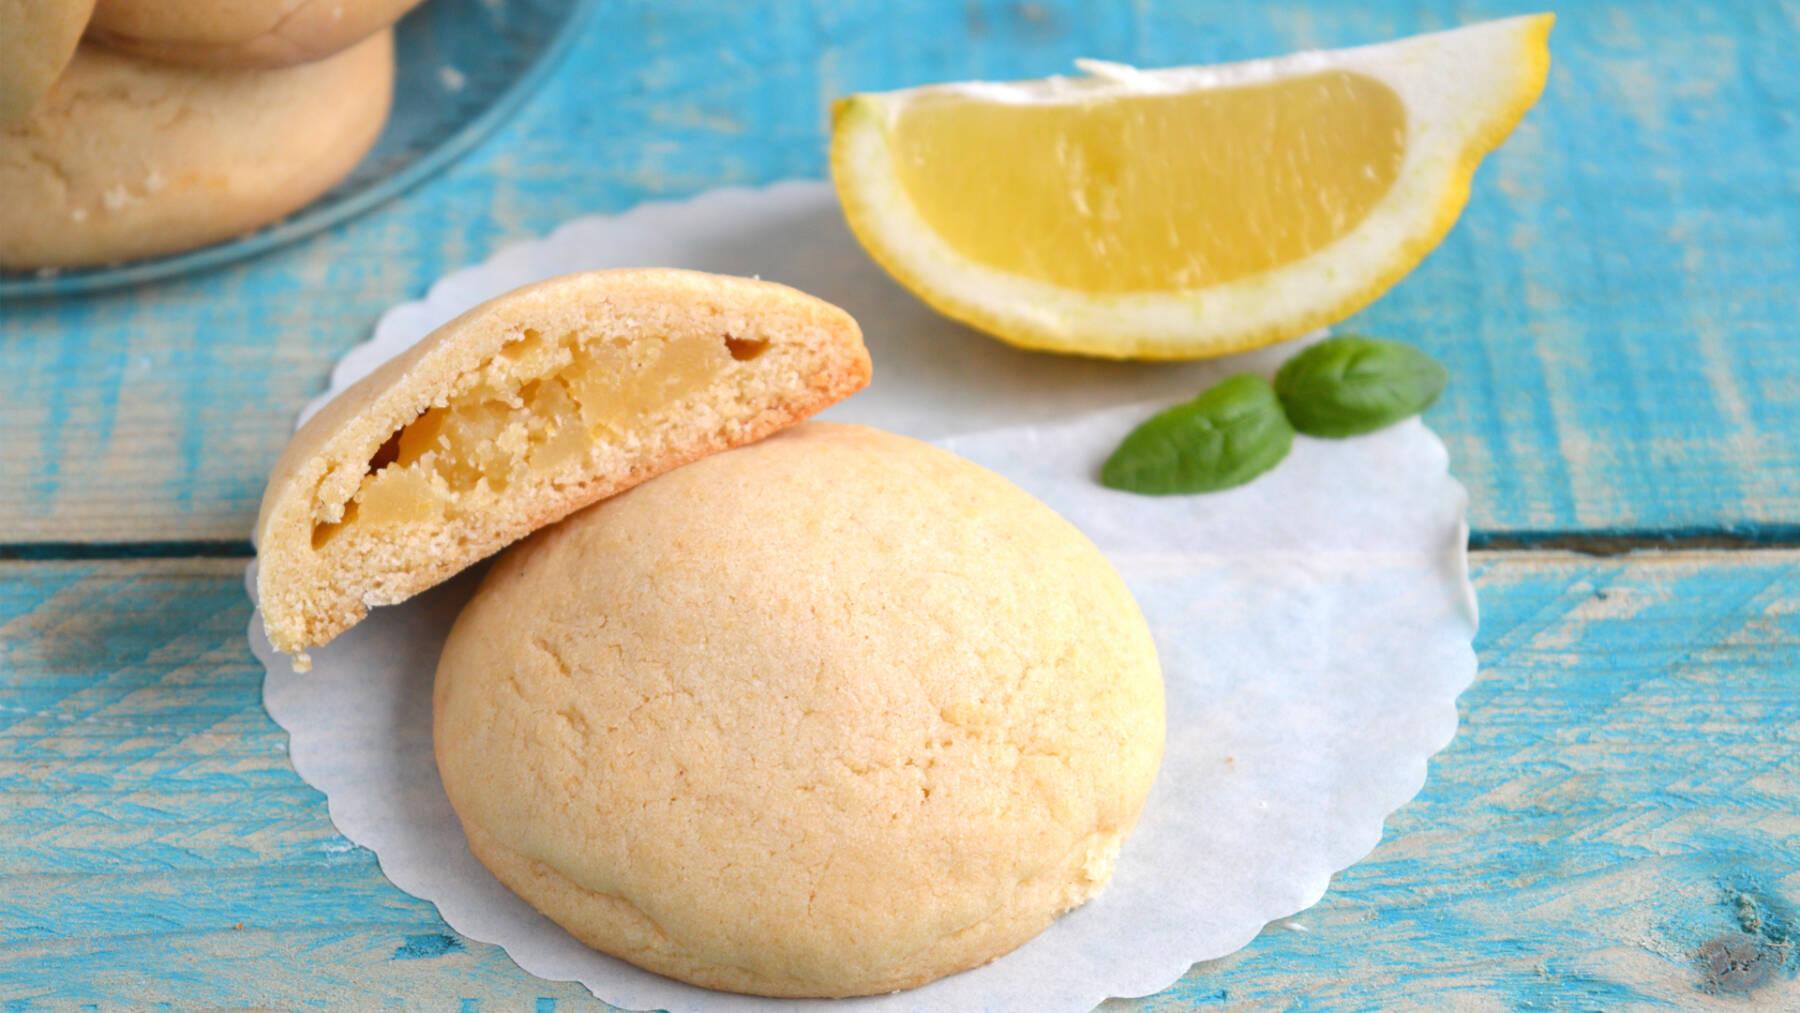 Ricetta grisbì, come fare i grisbi in casa, ricetta grisbi, grisbi al limone, ricetta facile biscotti, ricetta veloce biscotti, biscotti al limone, video ricetta